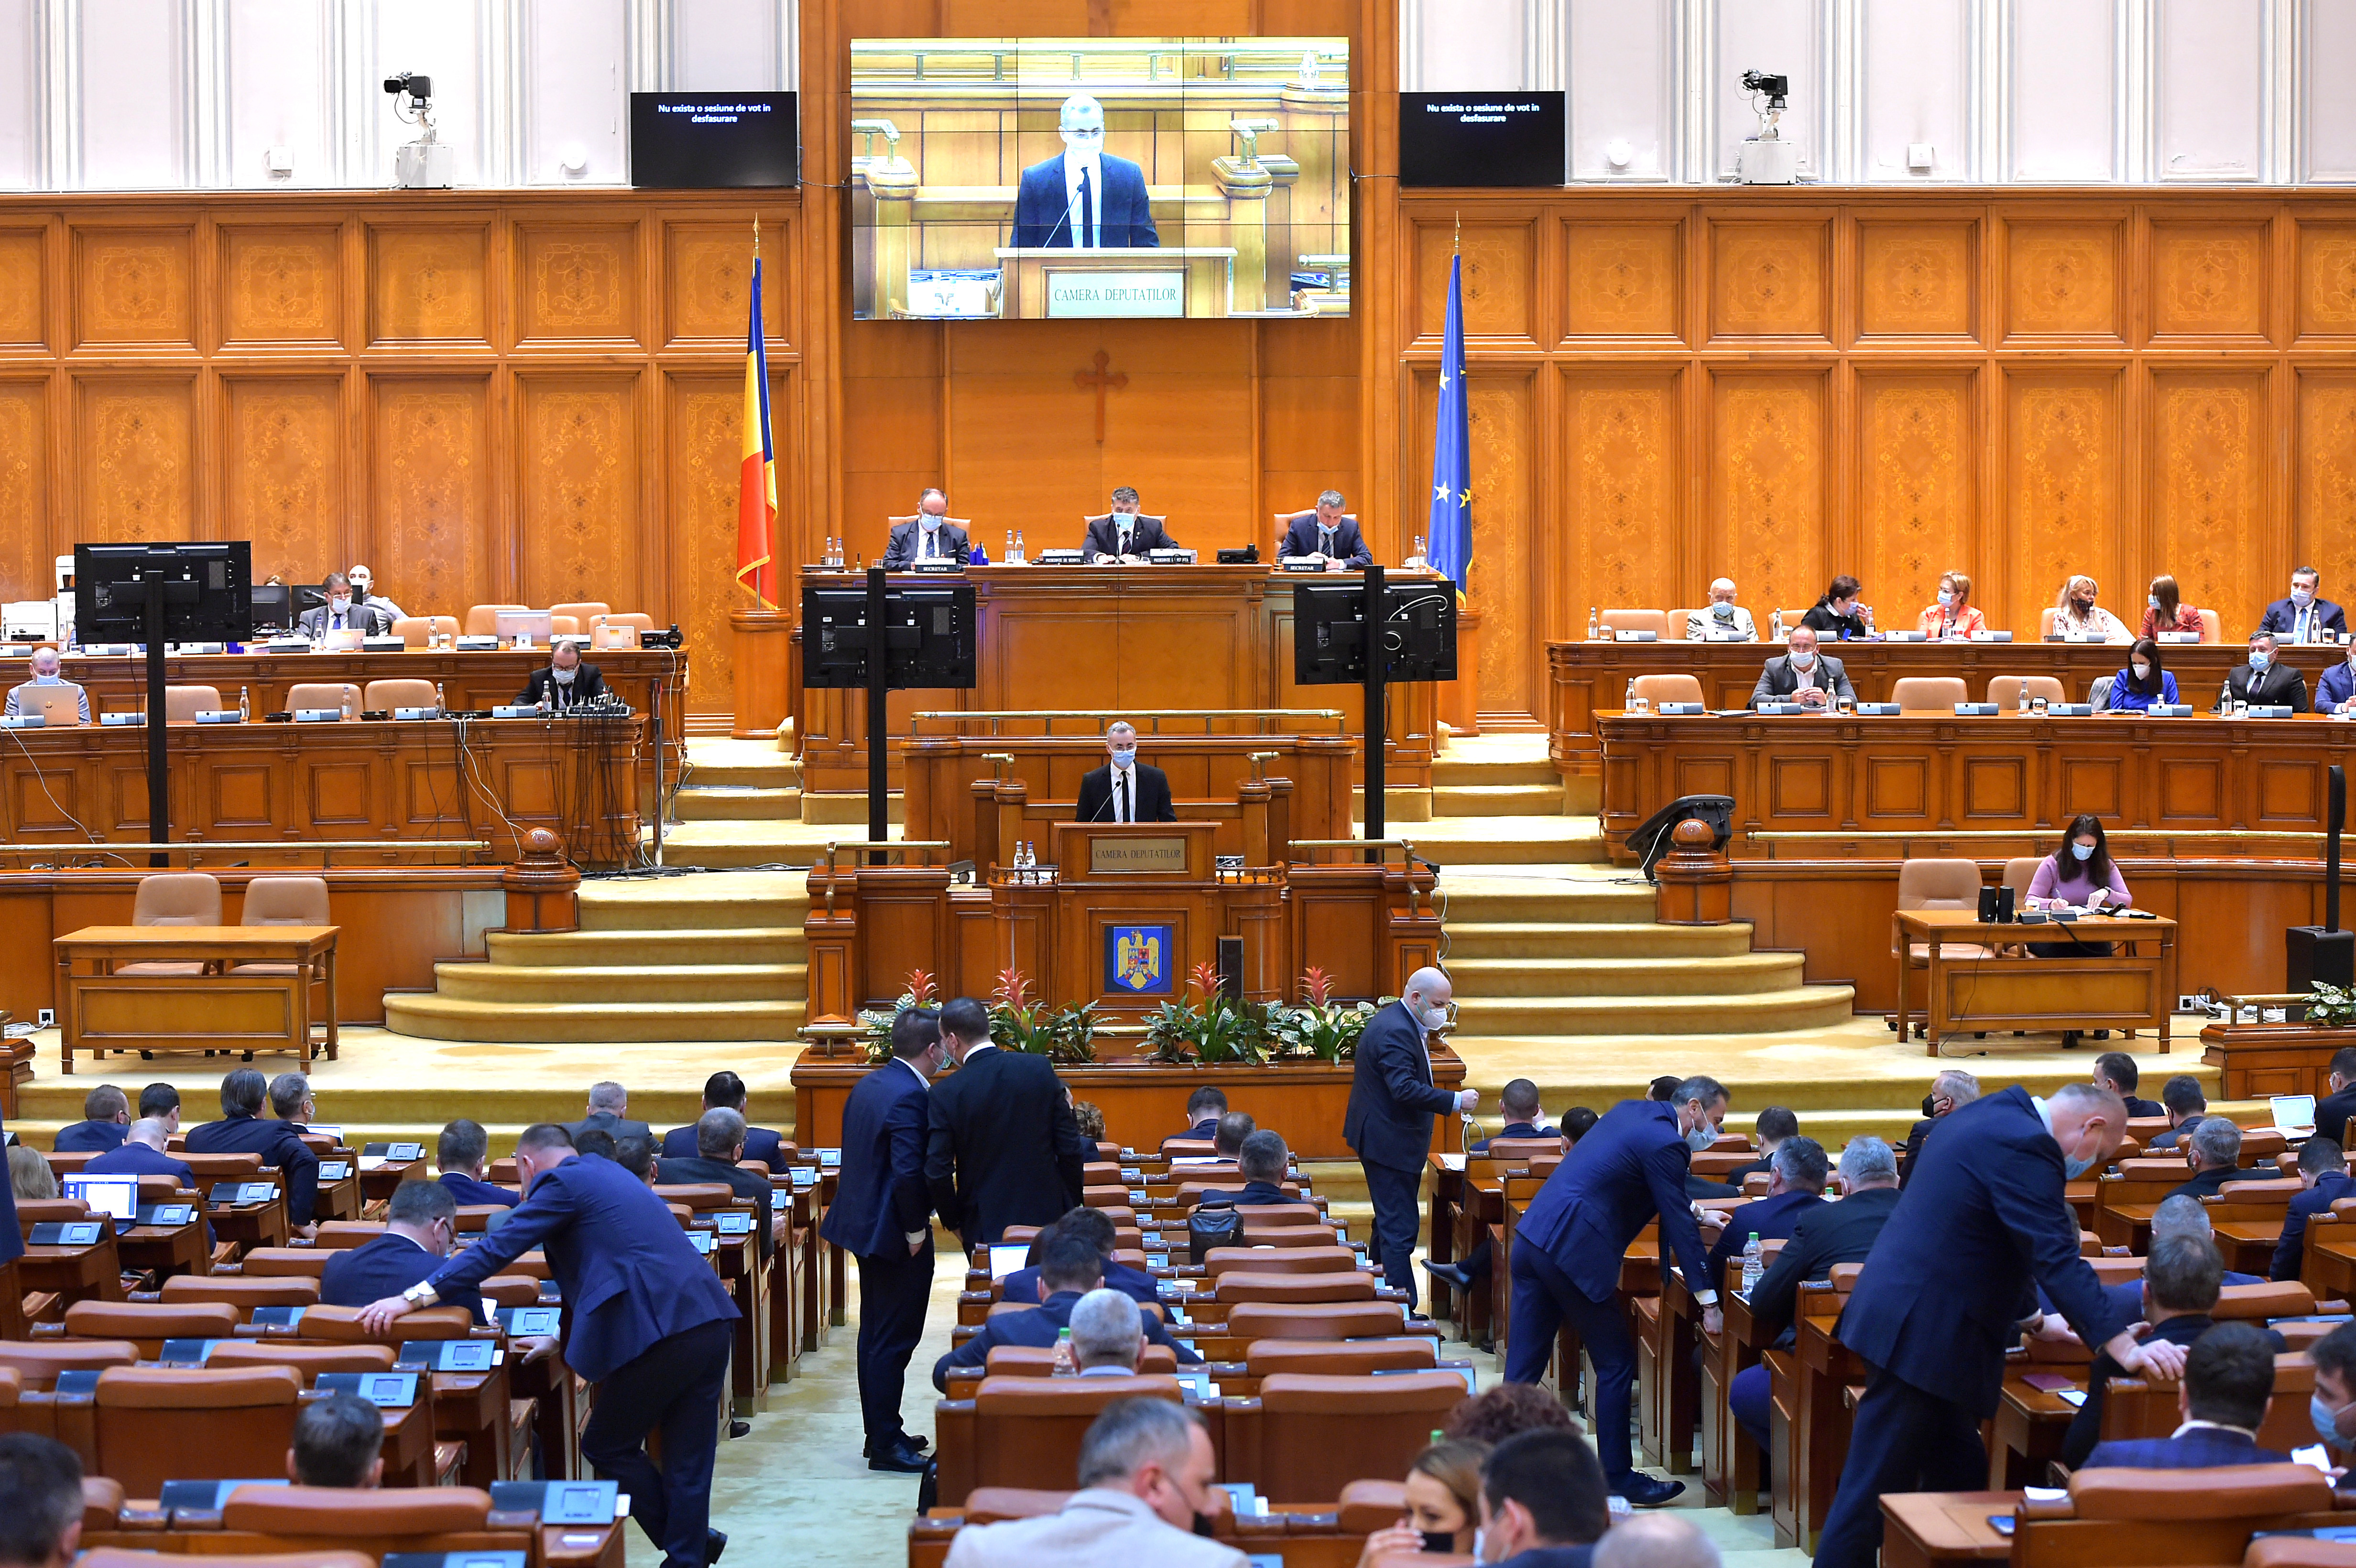 Încă un eșec pentru PSD. Moțiunea simplă împotriva ministrului Agriculturii a fost respinsă